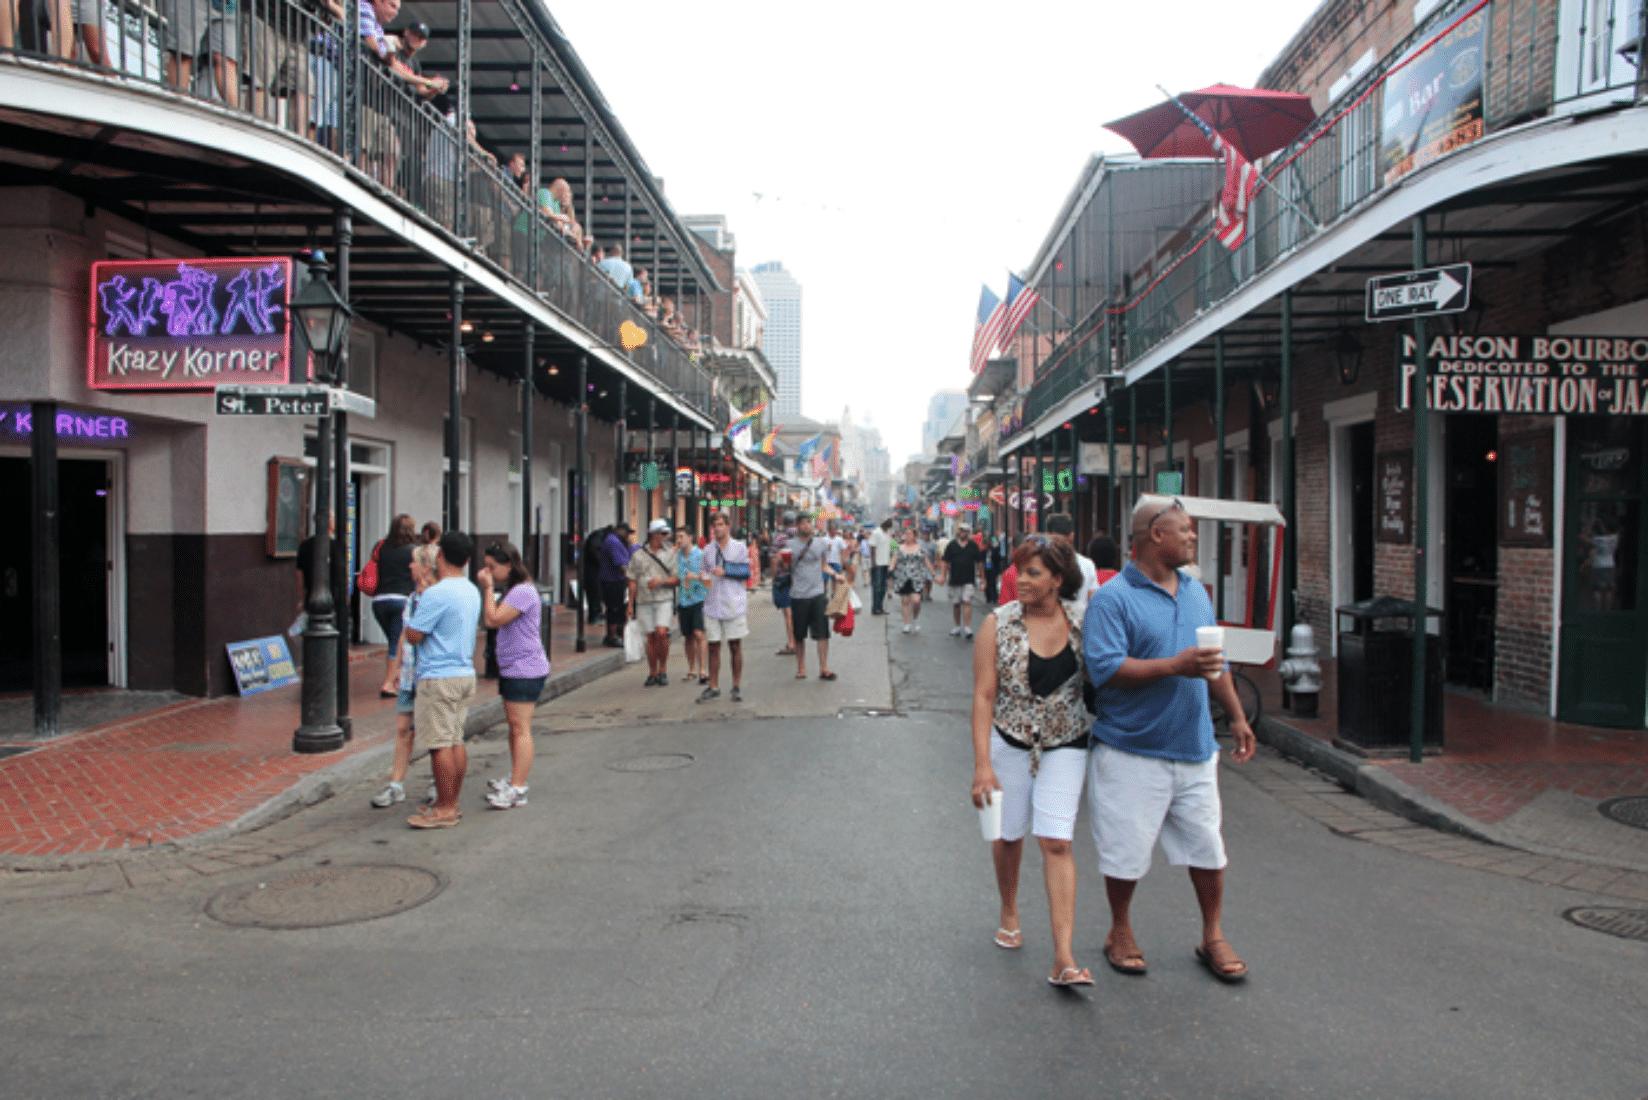 New Orleans Feiern